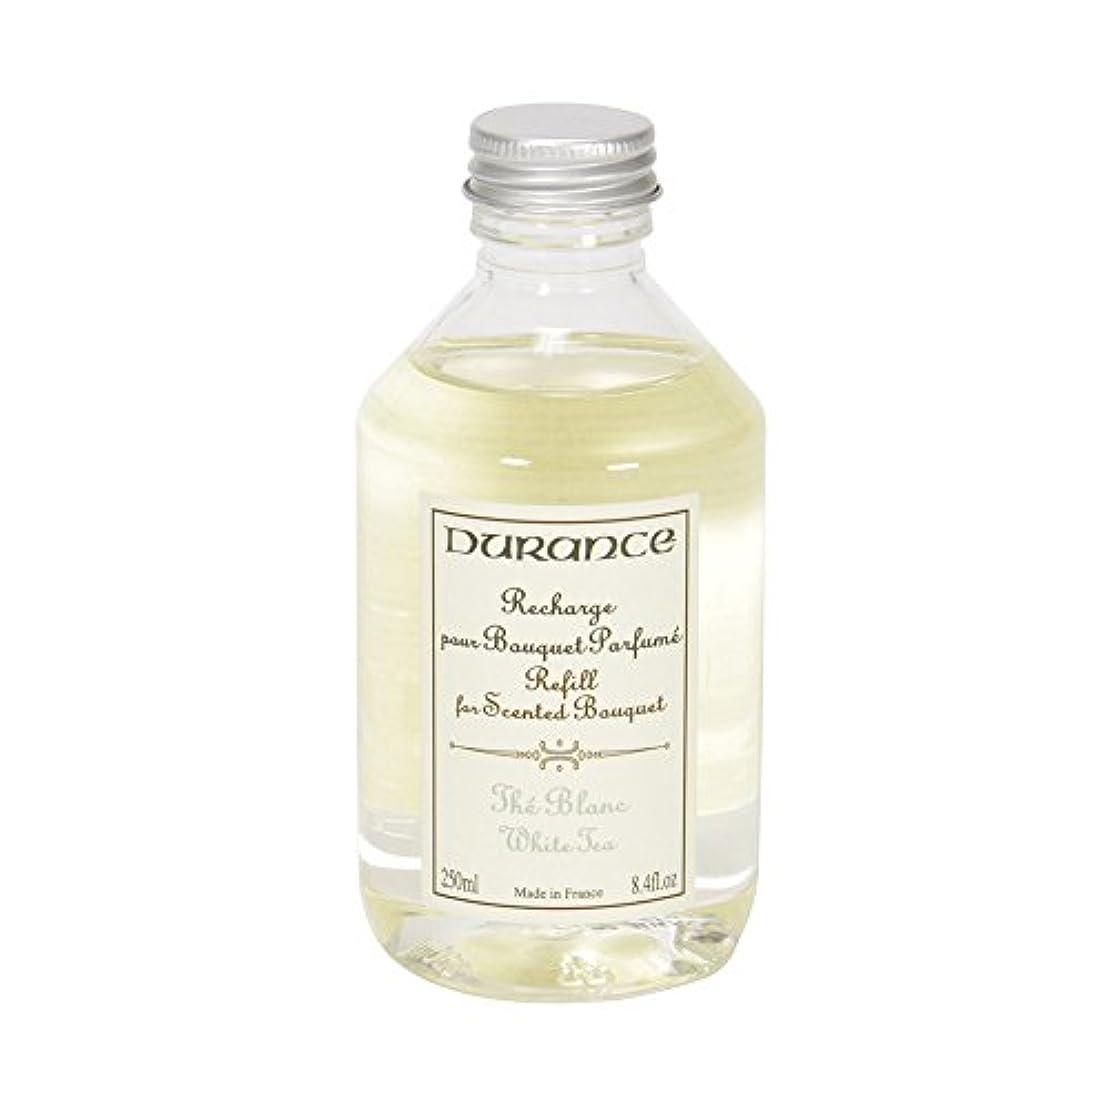 自分のブロッサムスリム【DURANCE】[ デュランス ] スティック型芳香剤 フレグランスブーケ リフィル Scented Bouquet refill ホワイトティー 045518-9 フレグランス ブーケ [並行輸入品]